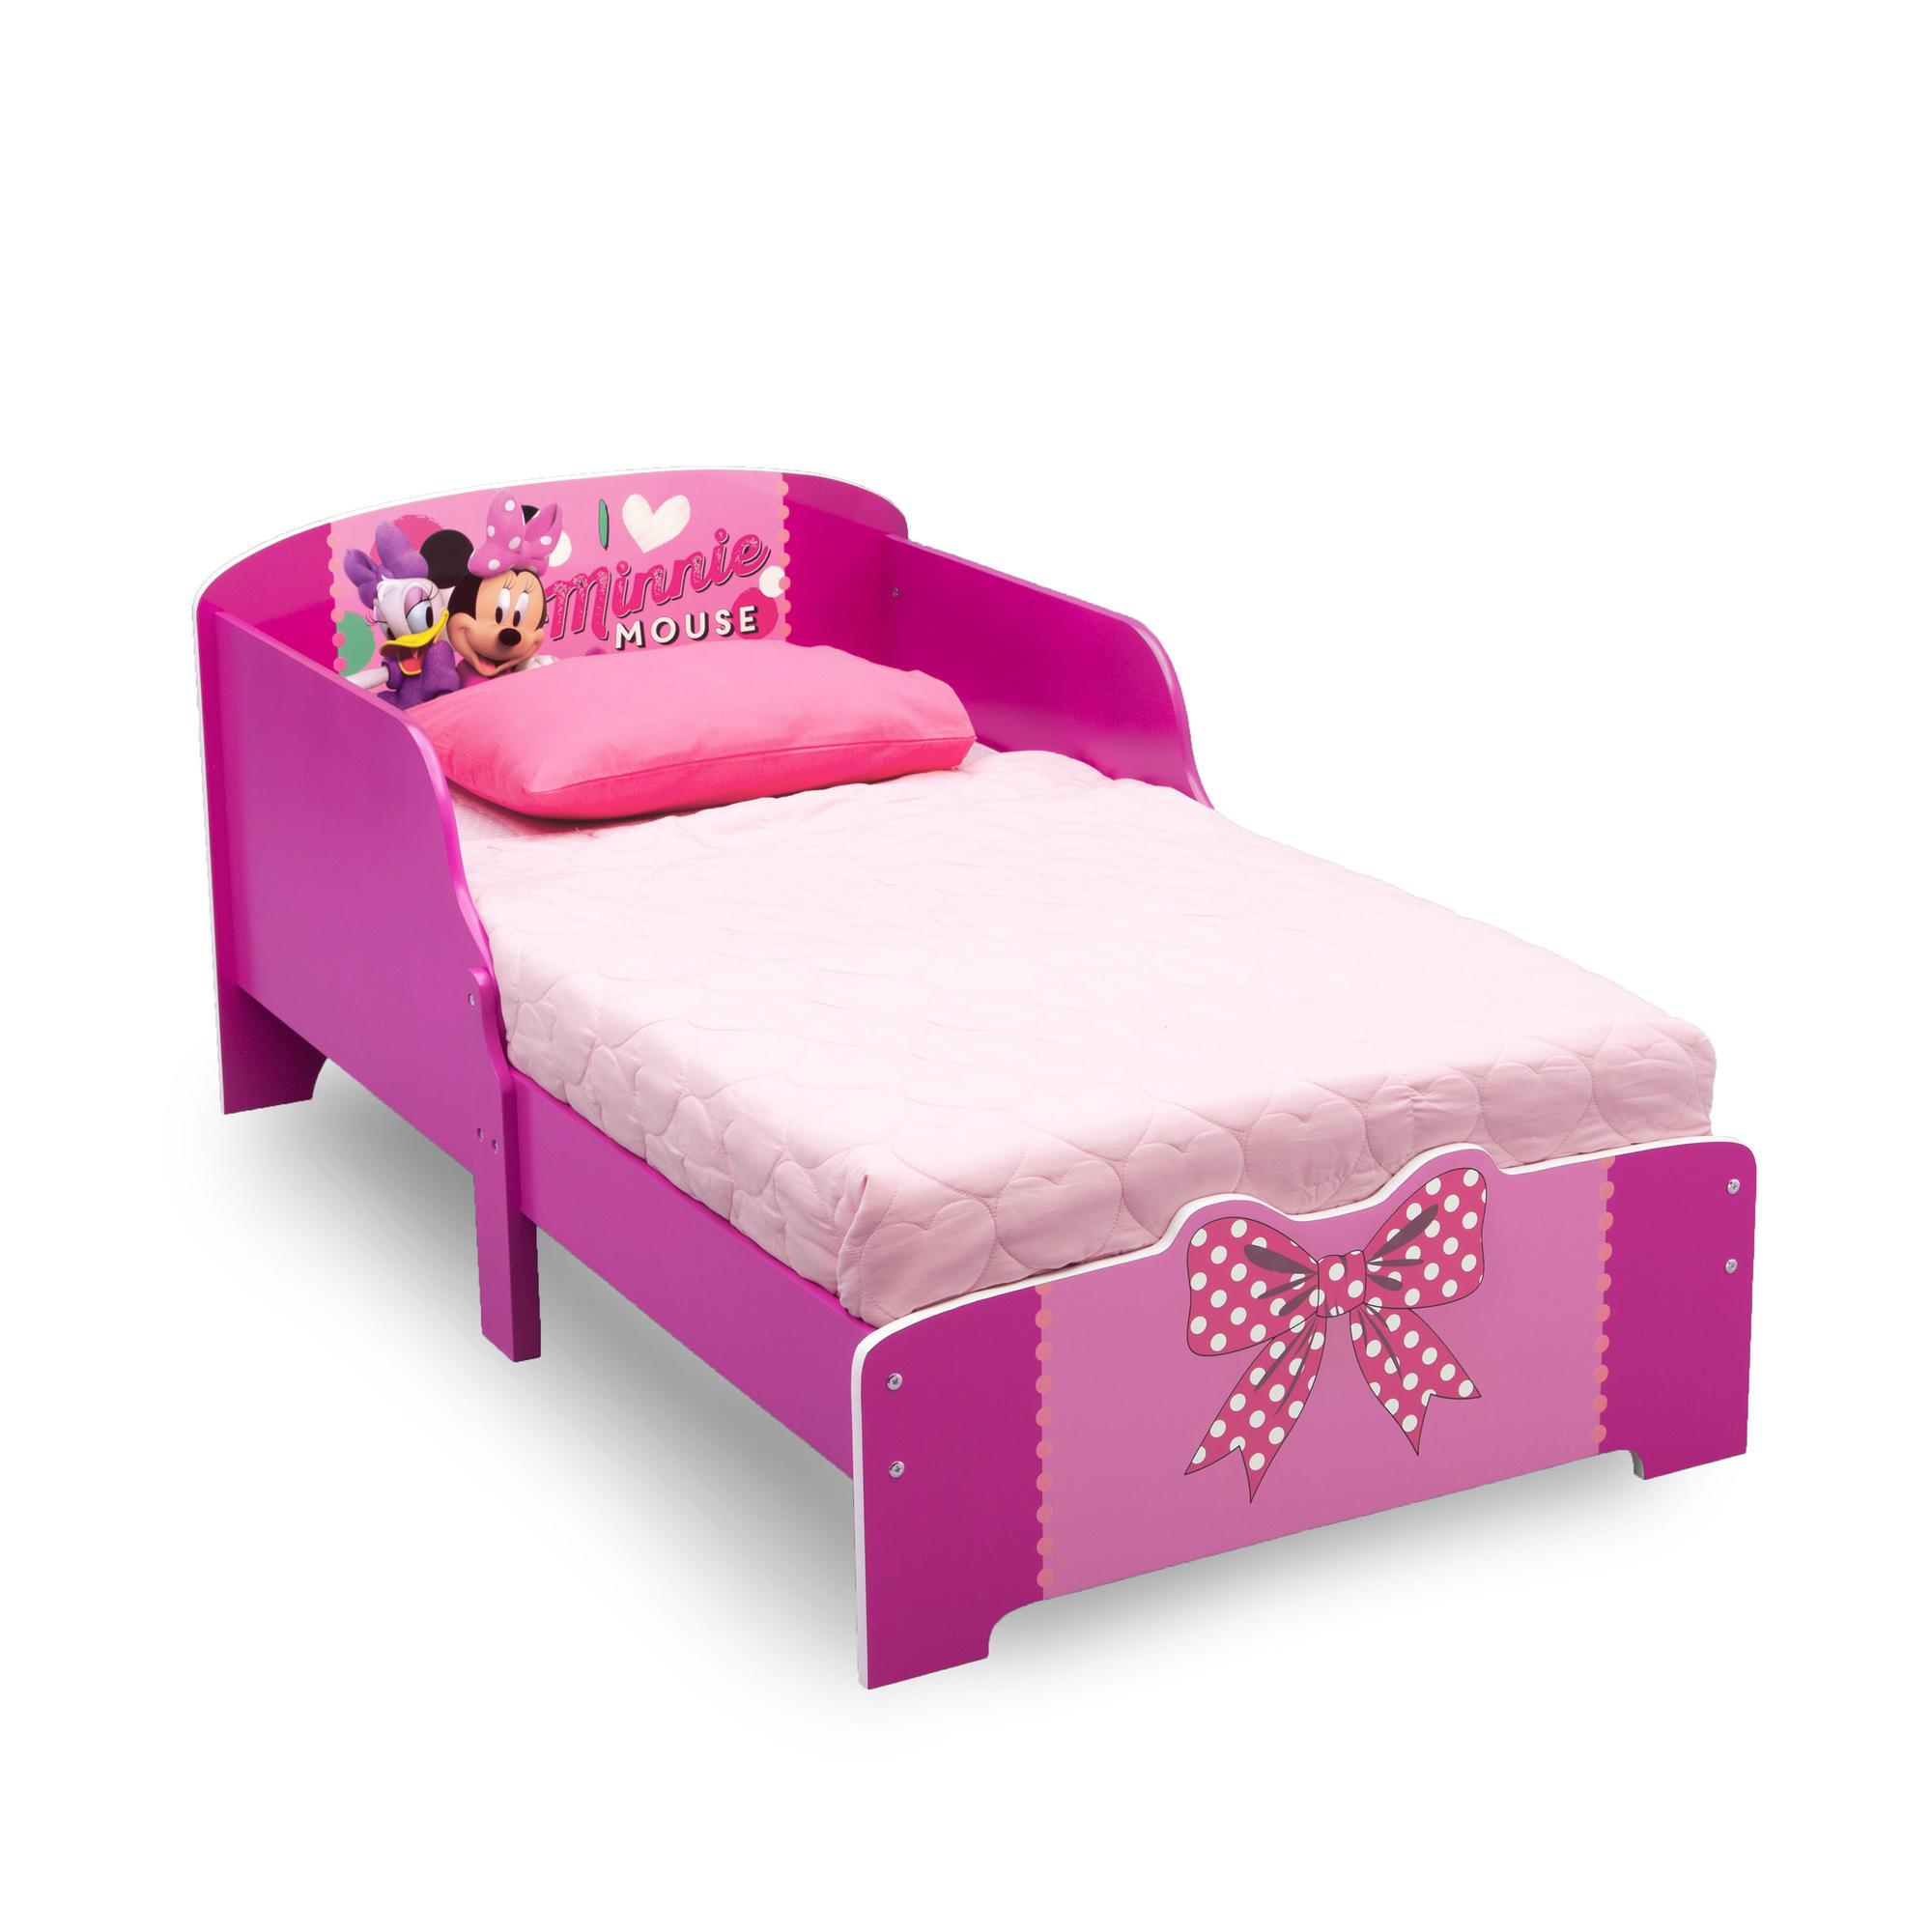 Dětská dřevěná postel Minnie Mouse